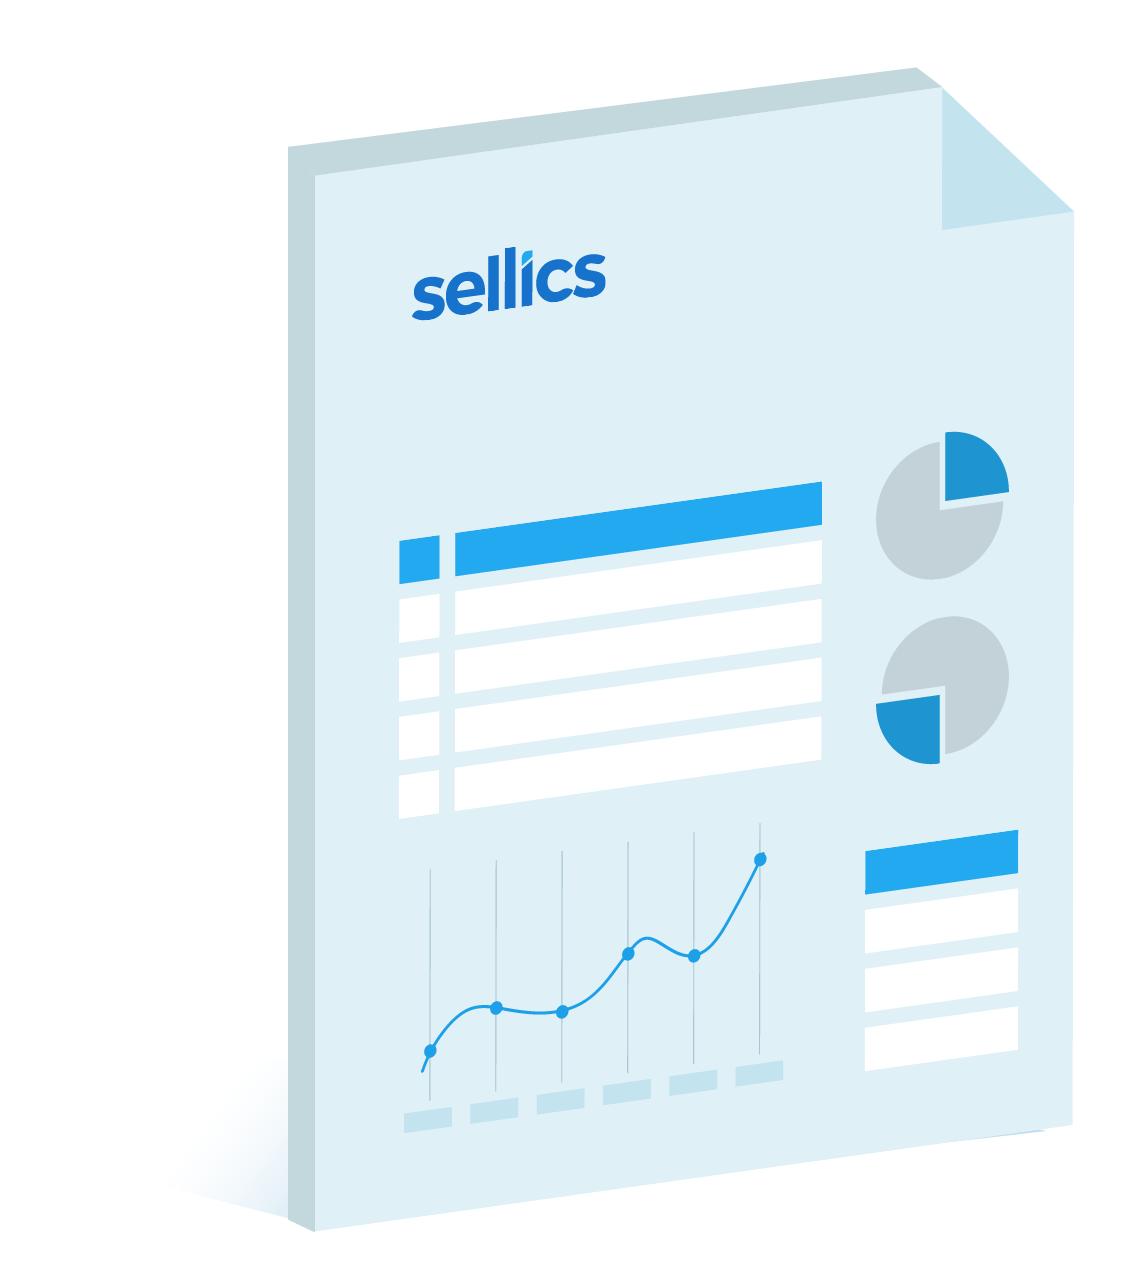 sellics-file-excel